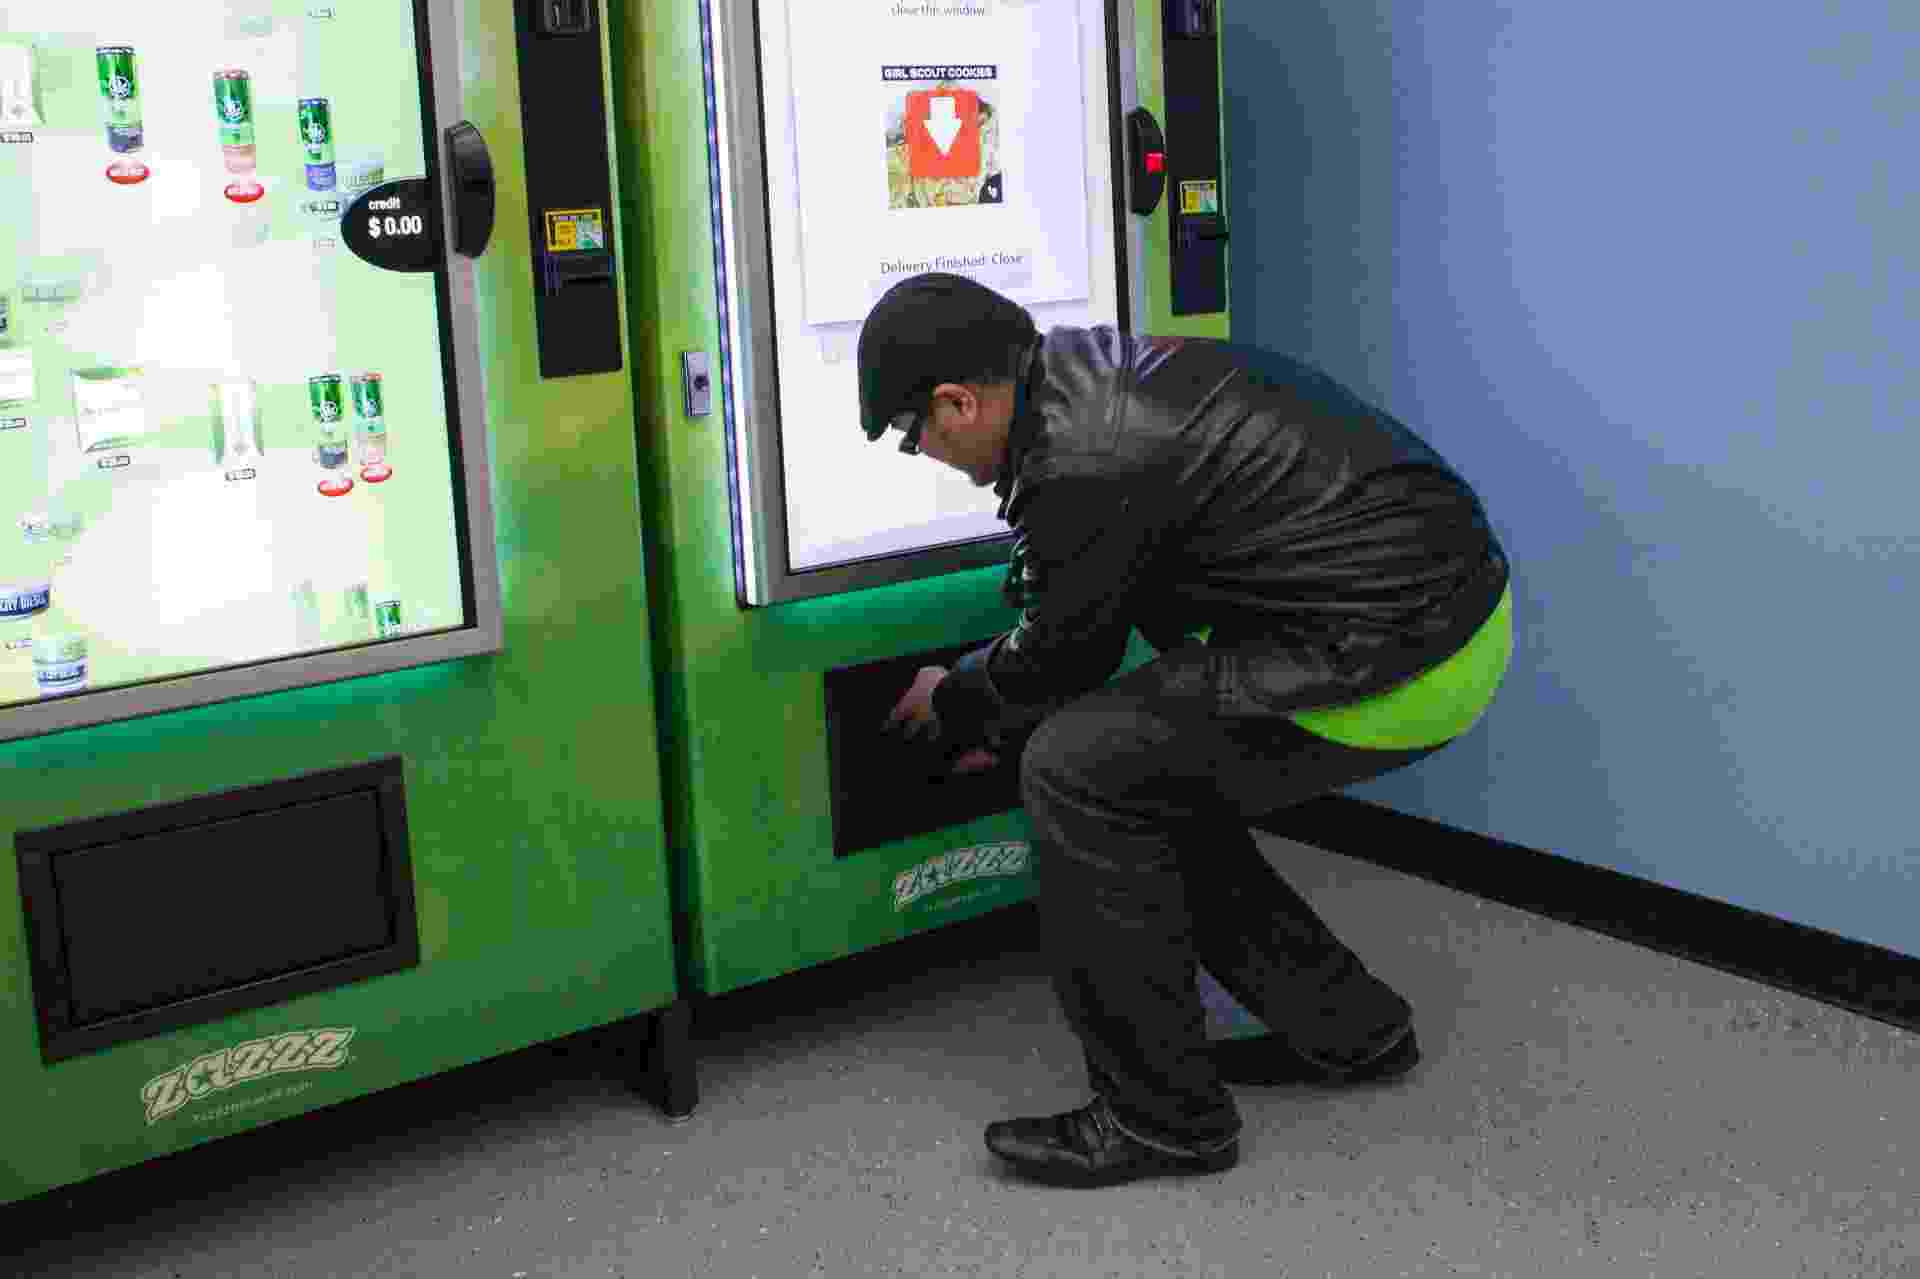 27.fev.2015 - Produtos à base de maconha começaram a ser comercializados em máquinas automáticas no início de fevereiro em Seattle, nos Estados Unidos. A ideia do criador, Stephen Shearin, é expandir para outras cidades e Estados onde o consumo maconha medicinal é legalizado - David Ryder/Reuters